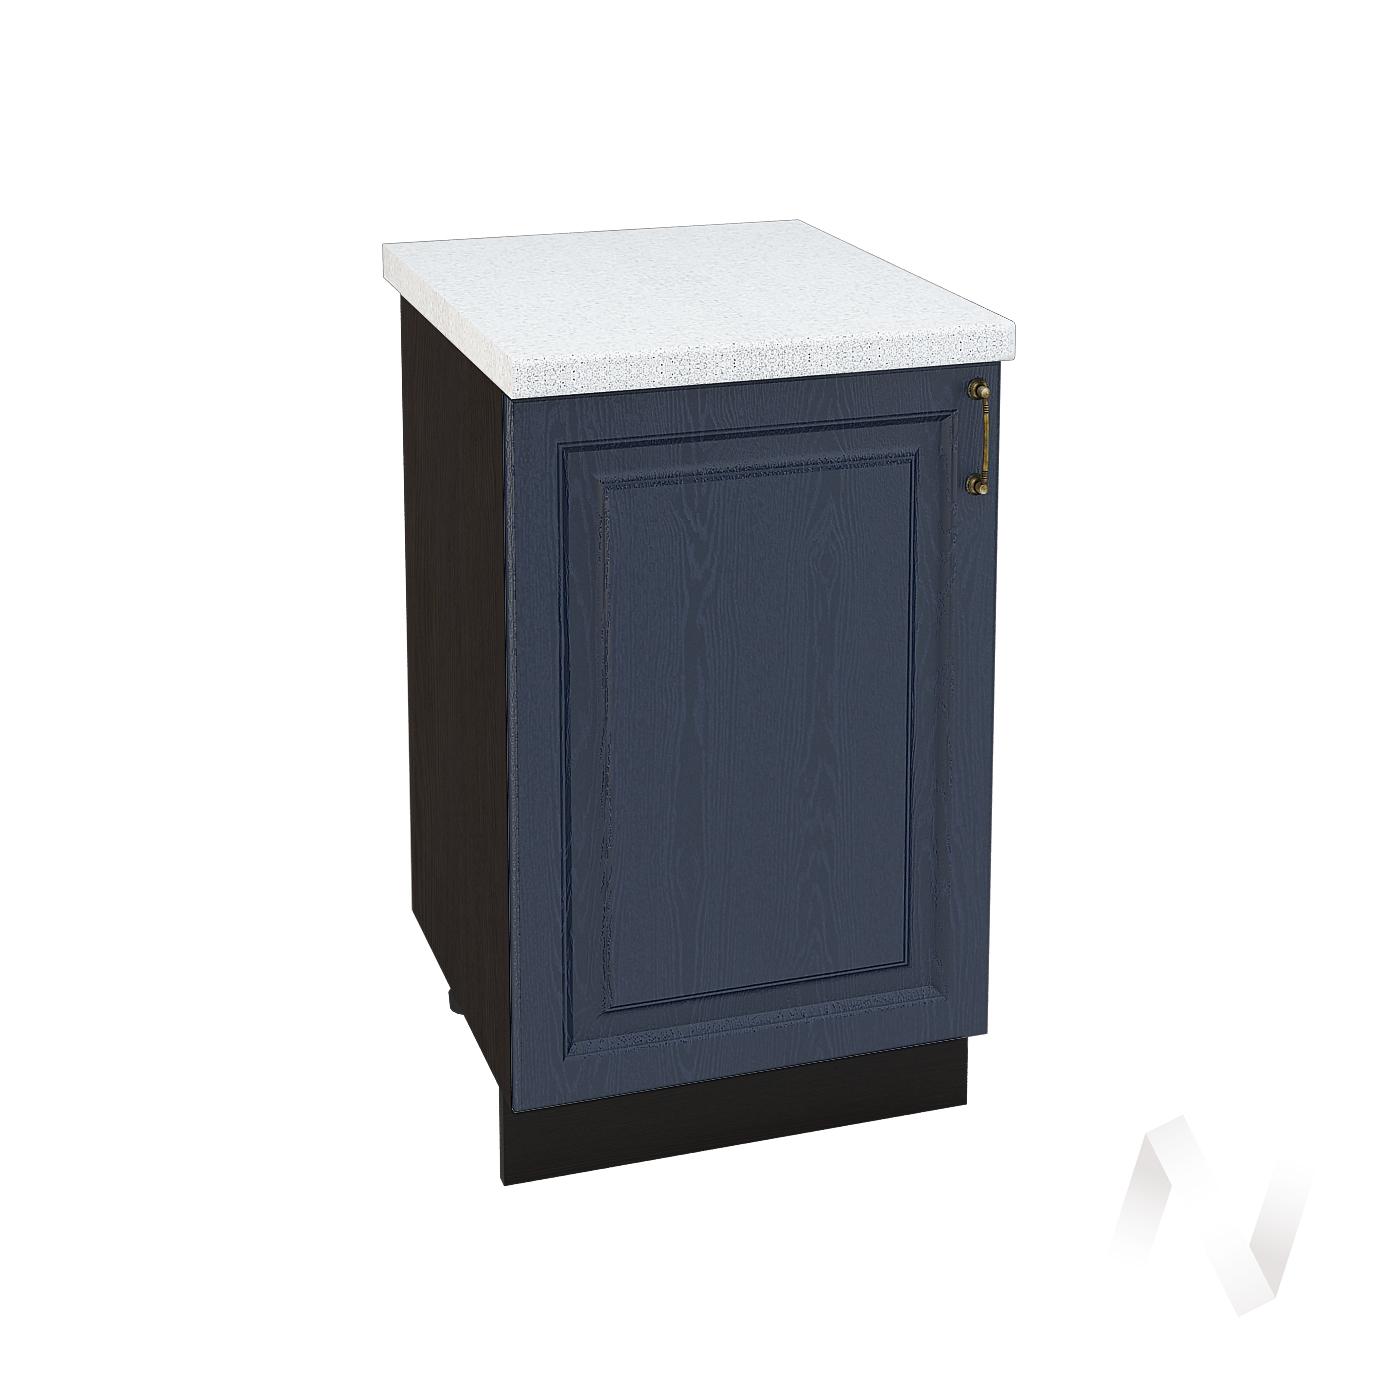 """Кухня """"Ницца"""": Шкаф нижний 500, ШН 500 (Дуб чернильный/корпус венге)"""